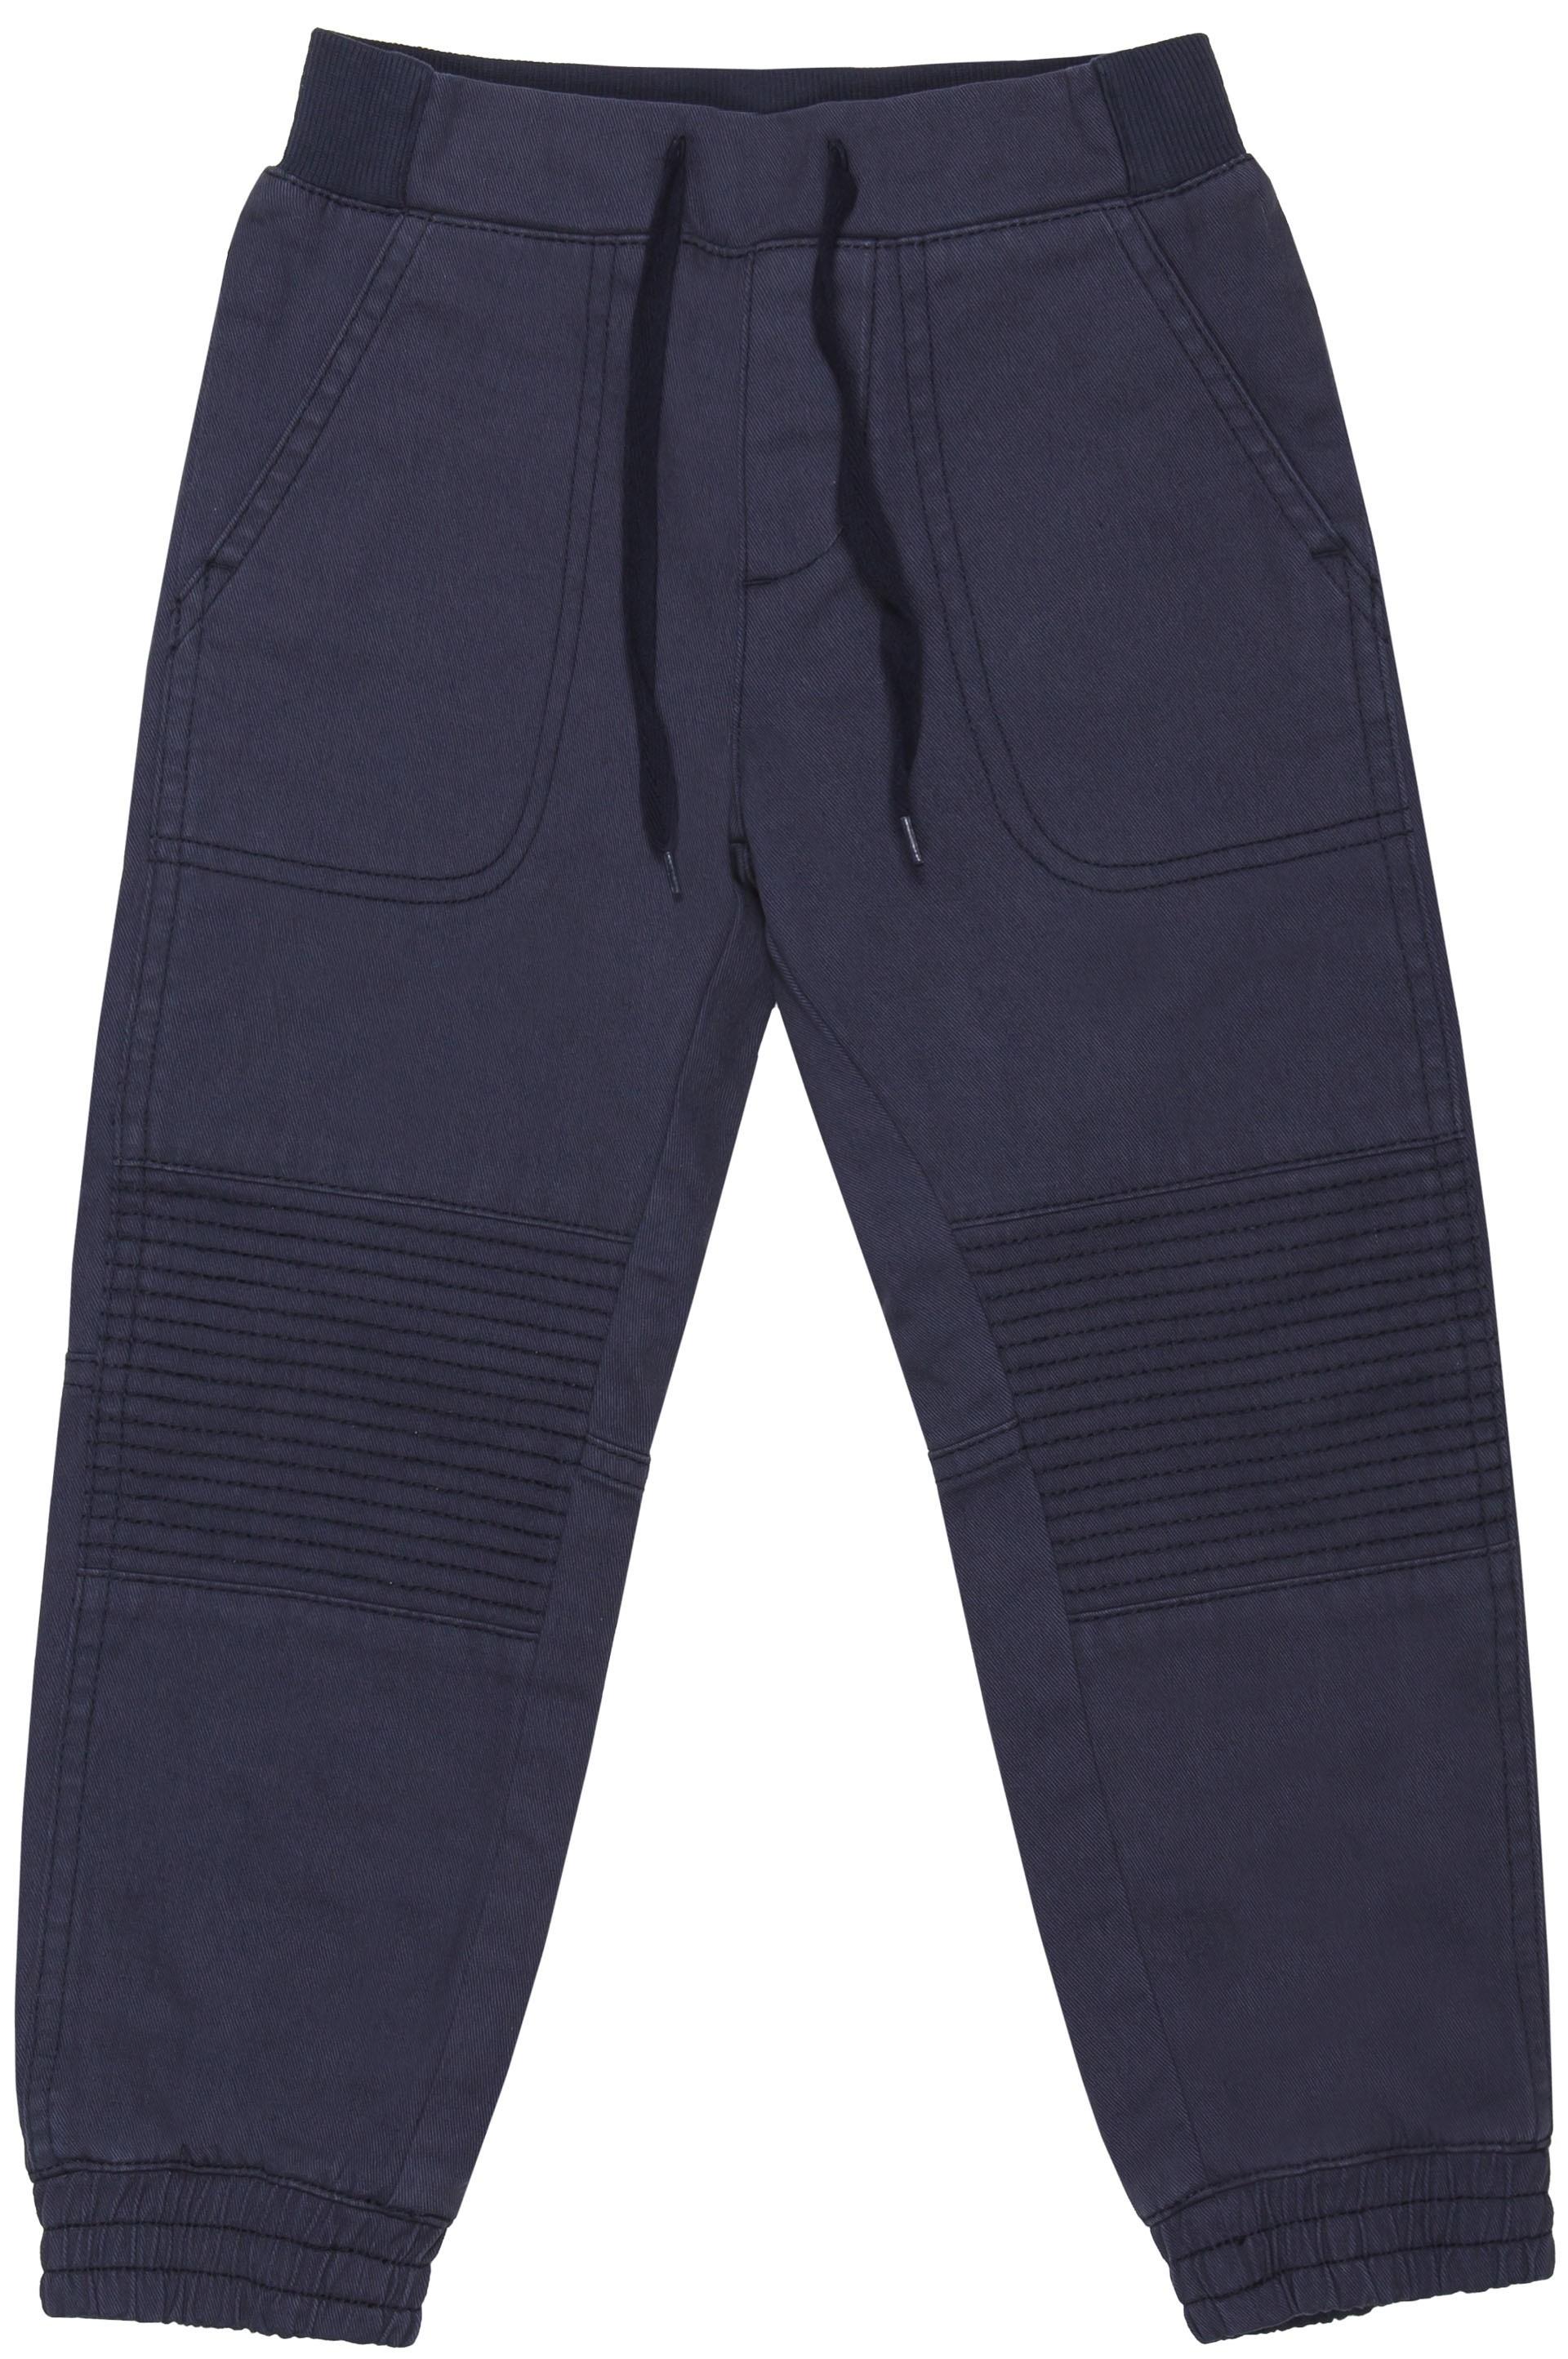 Купить Брюки для мальчика Barkito «Корабль 1», тёмно-синие, Бангладеш, тёмно-синий, Мужской